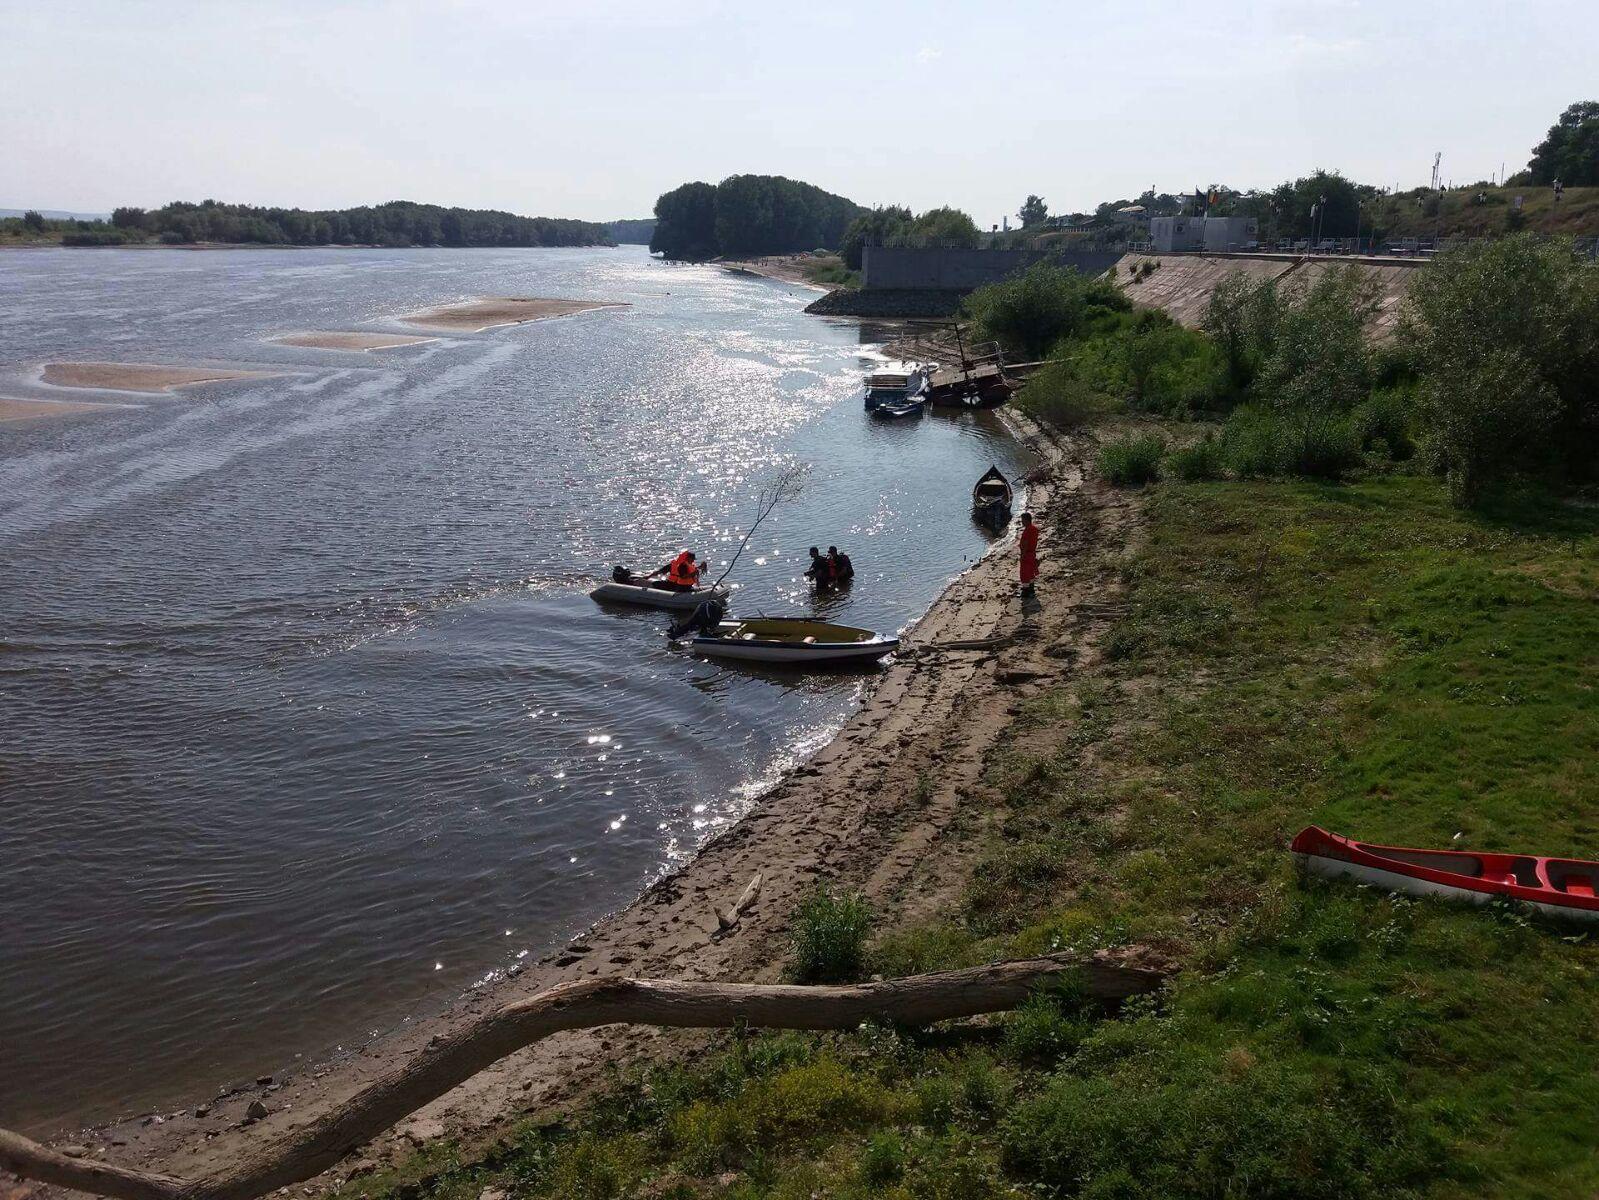 Trecerea Dunării cu bacul a fost SISTATĂ temporar pe timp de noapte, între porturile Bechet – Oreahovo